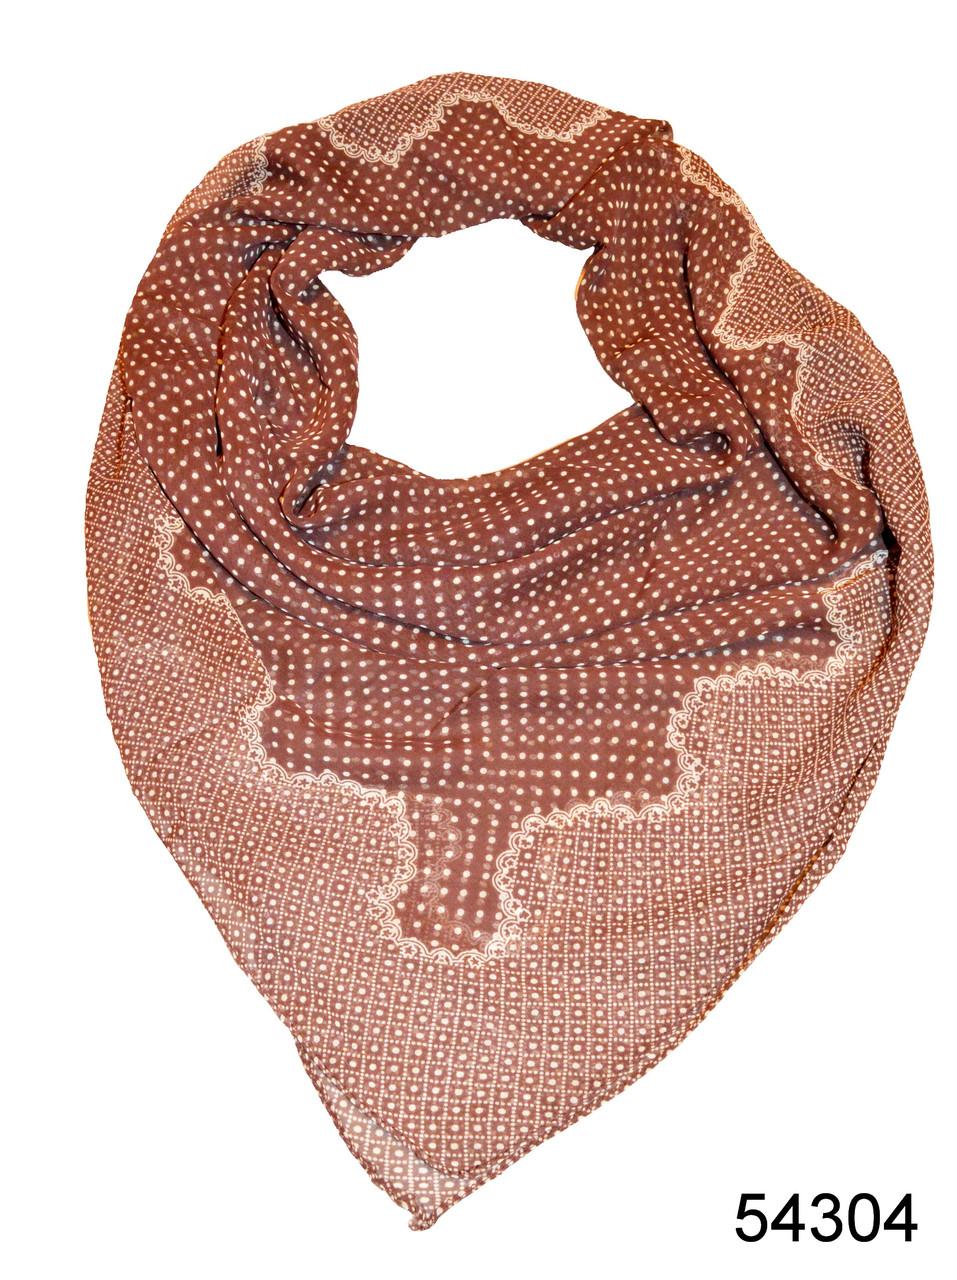 Платок шифоновый в горошек коричневый